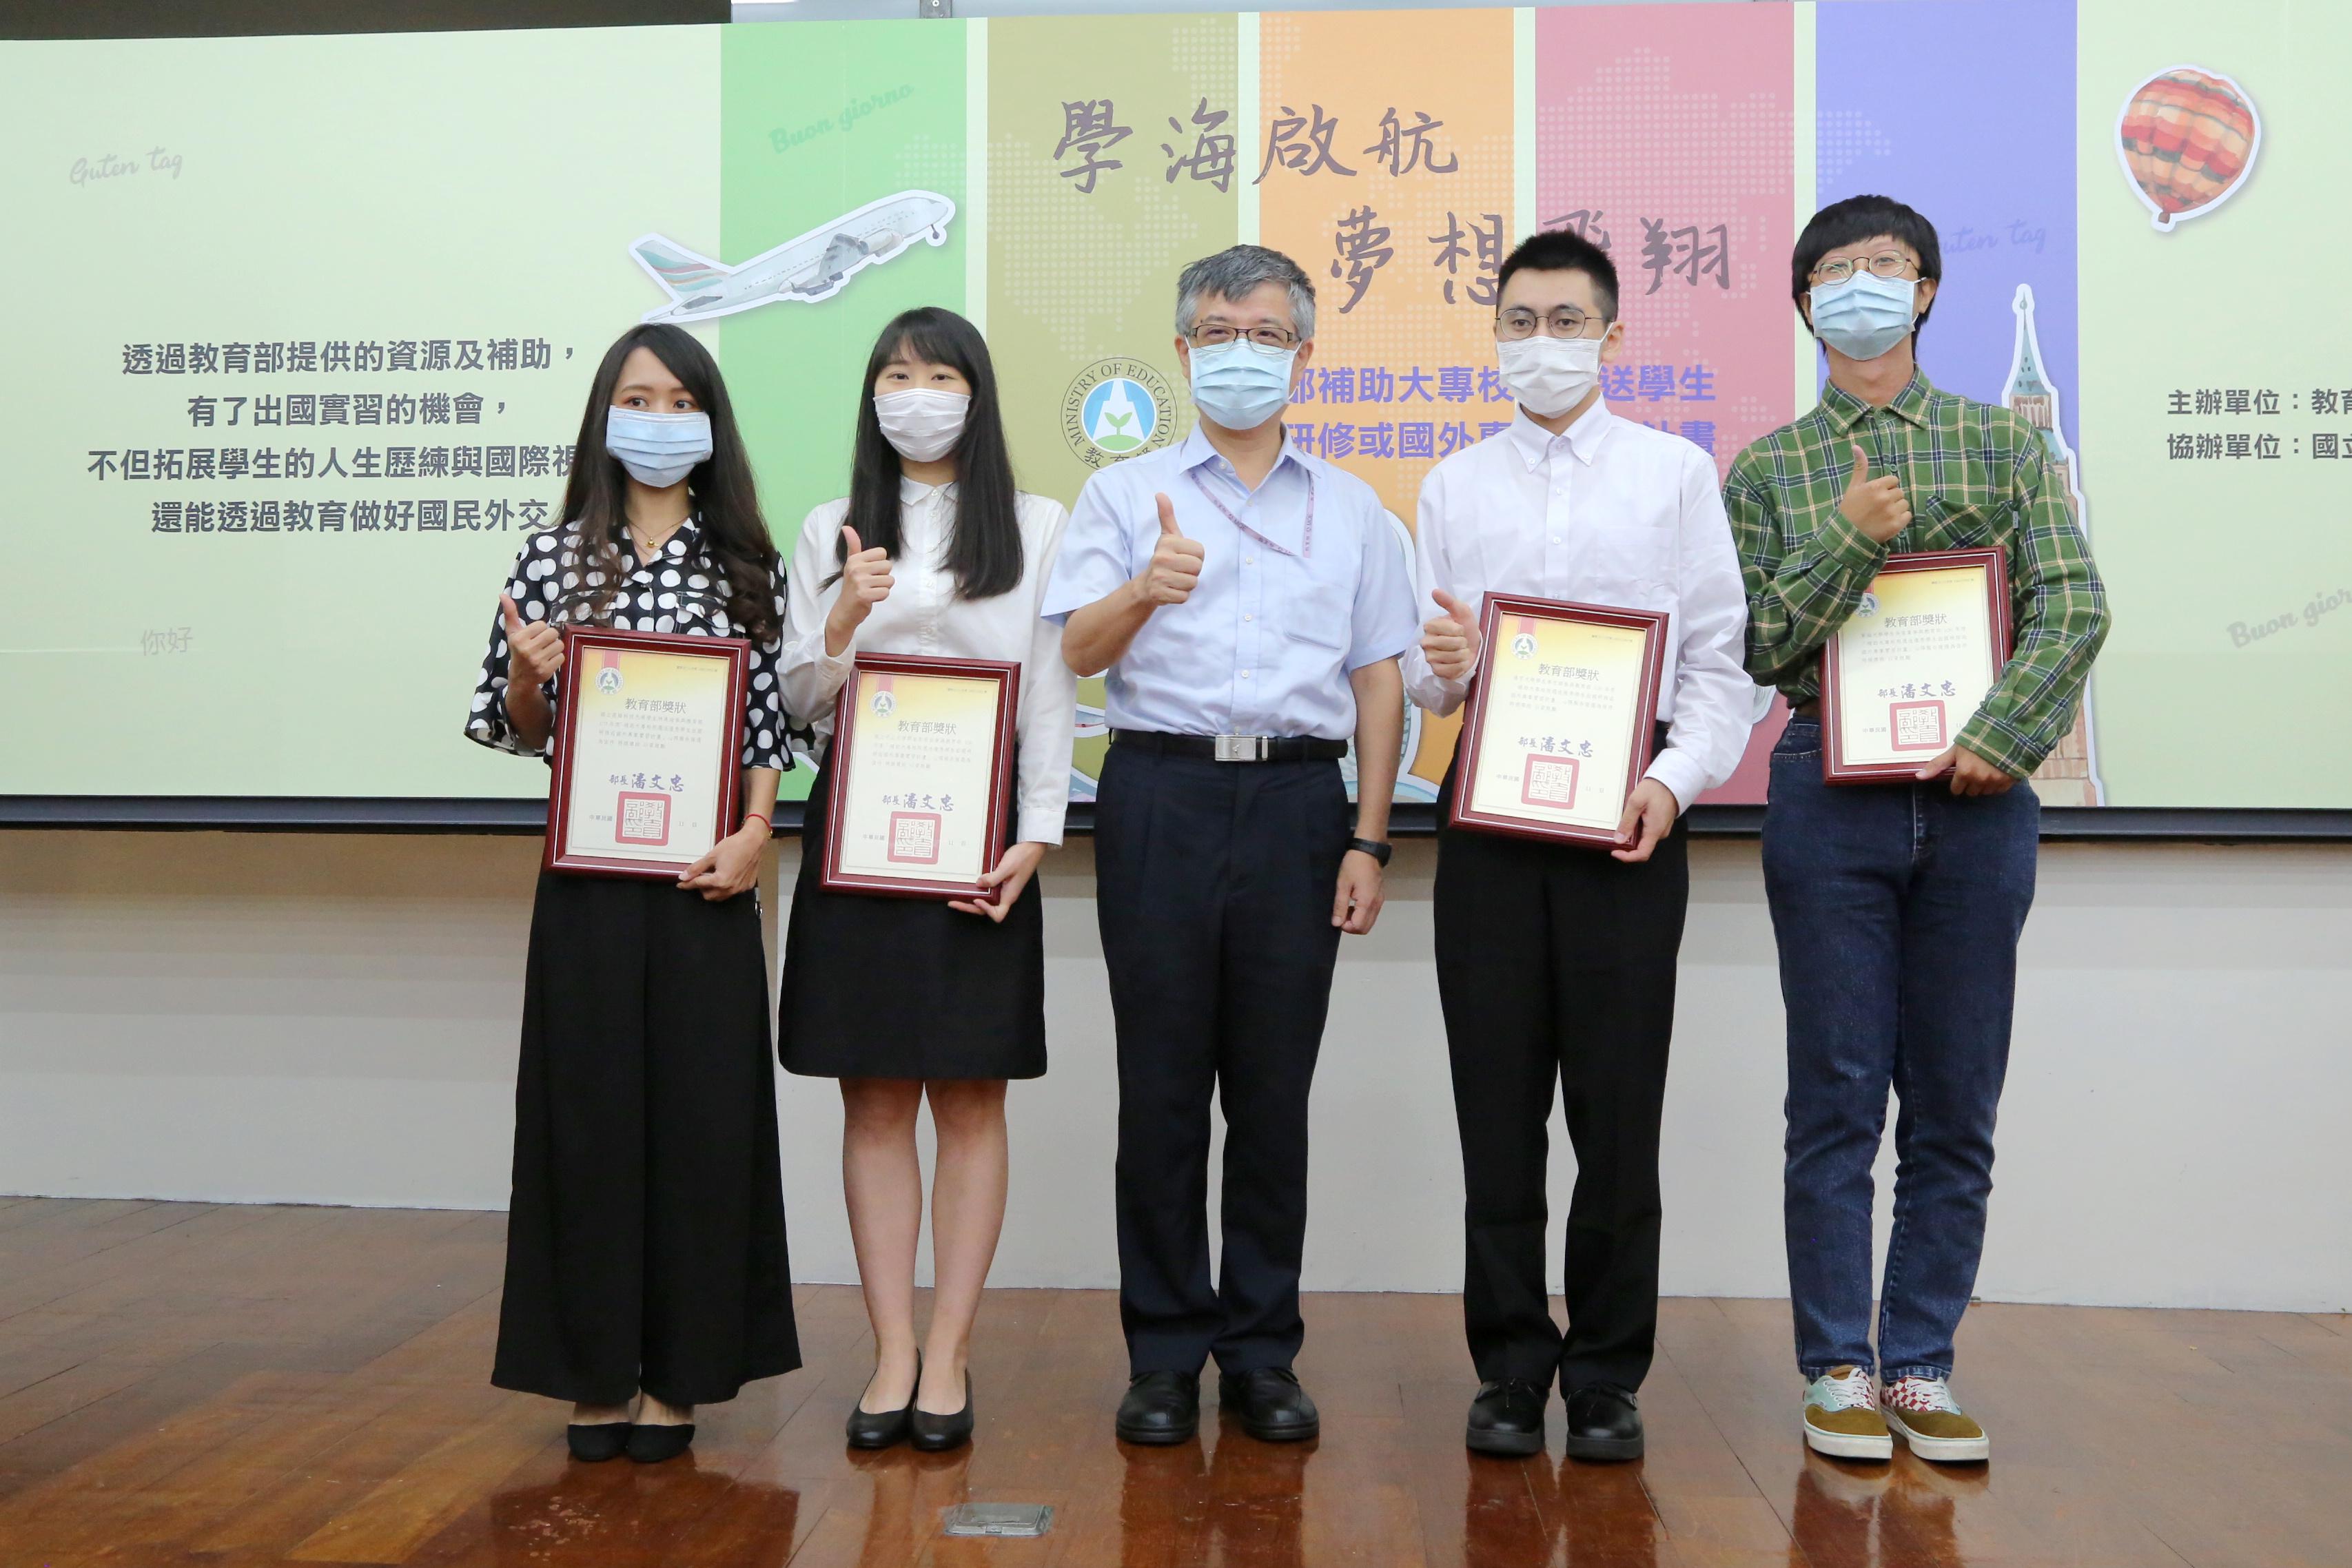 教育部政務次長頒獎狀給四位受獎生並拍照留念2_大圖